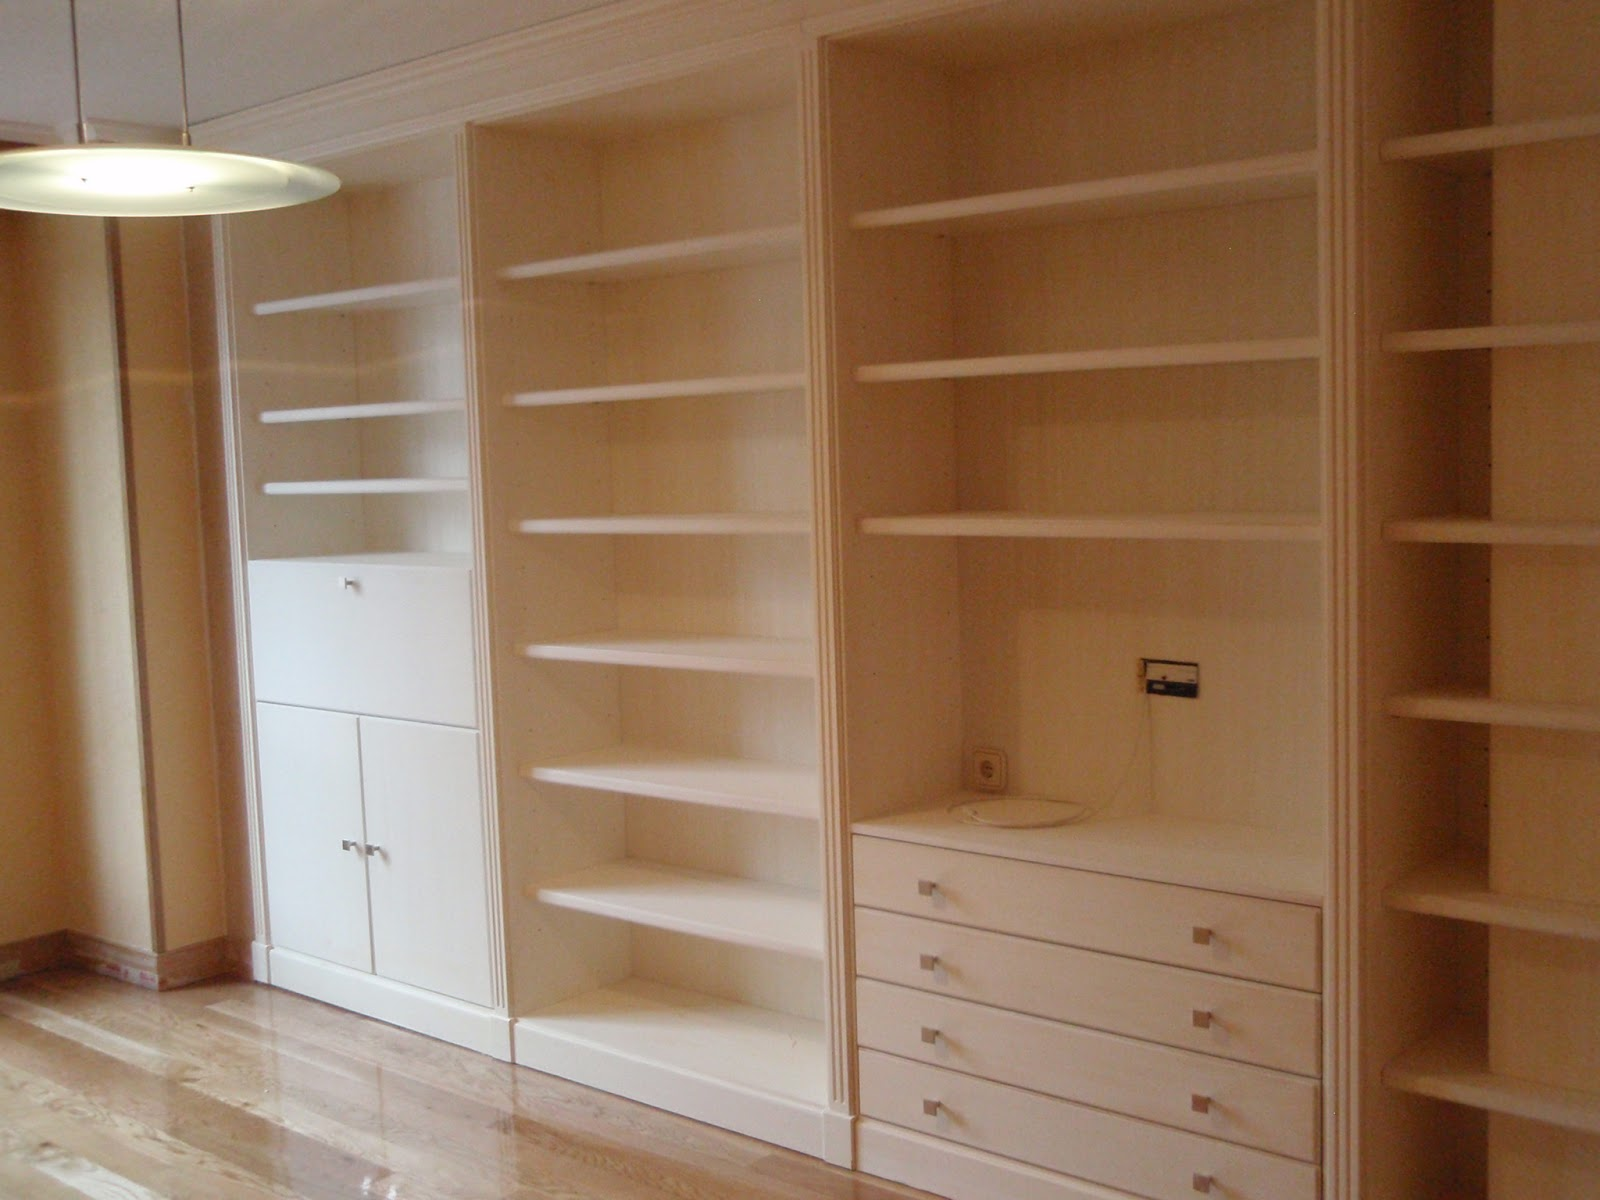 Mueble de pared completa a medida en madera lacada for Medidas muebles